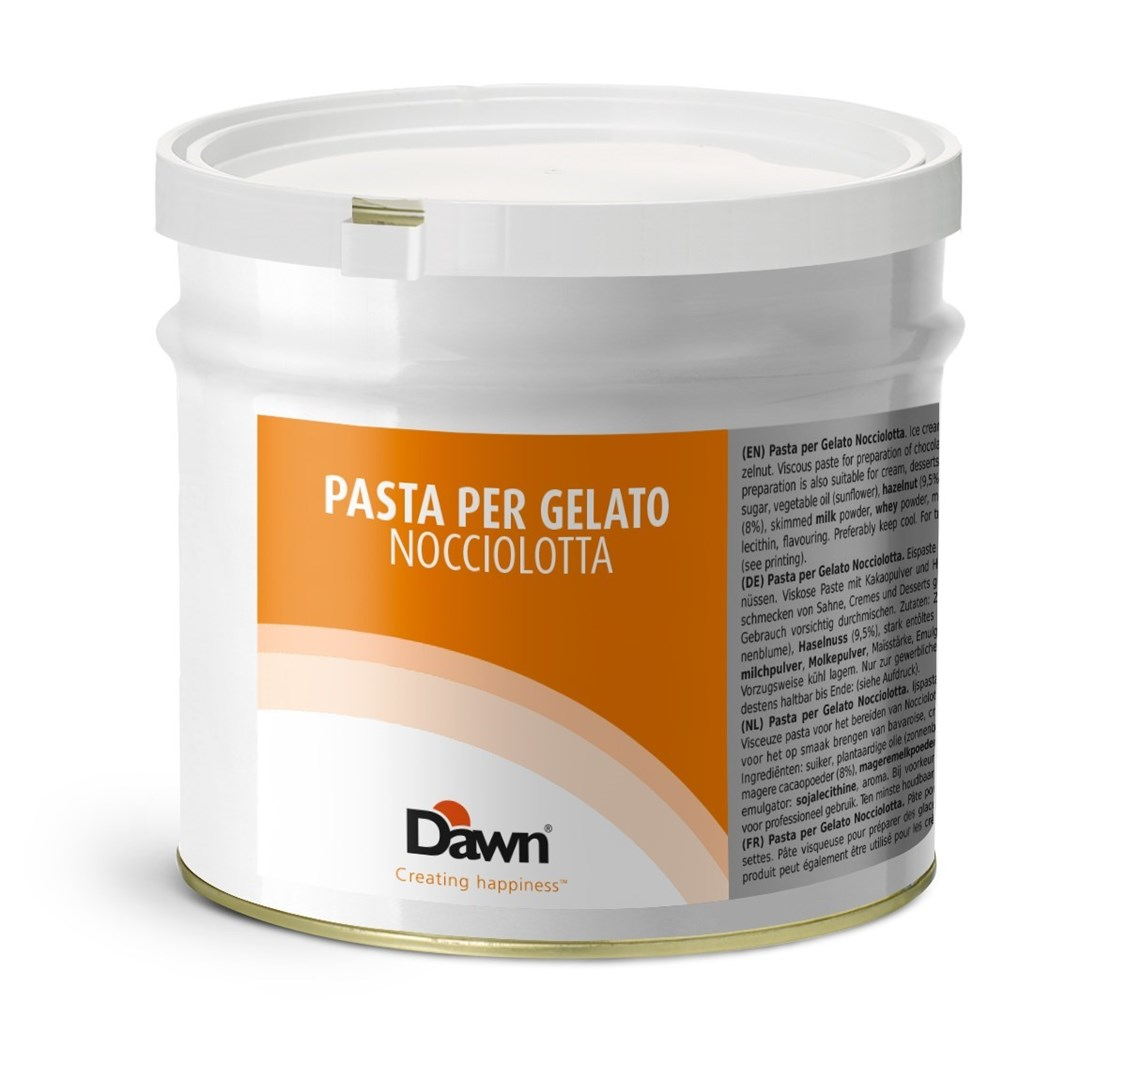 Productafbeelding Dawn Pasta Per Gelato Nocciolatta 3,5 kg blik